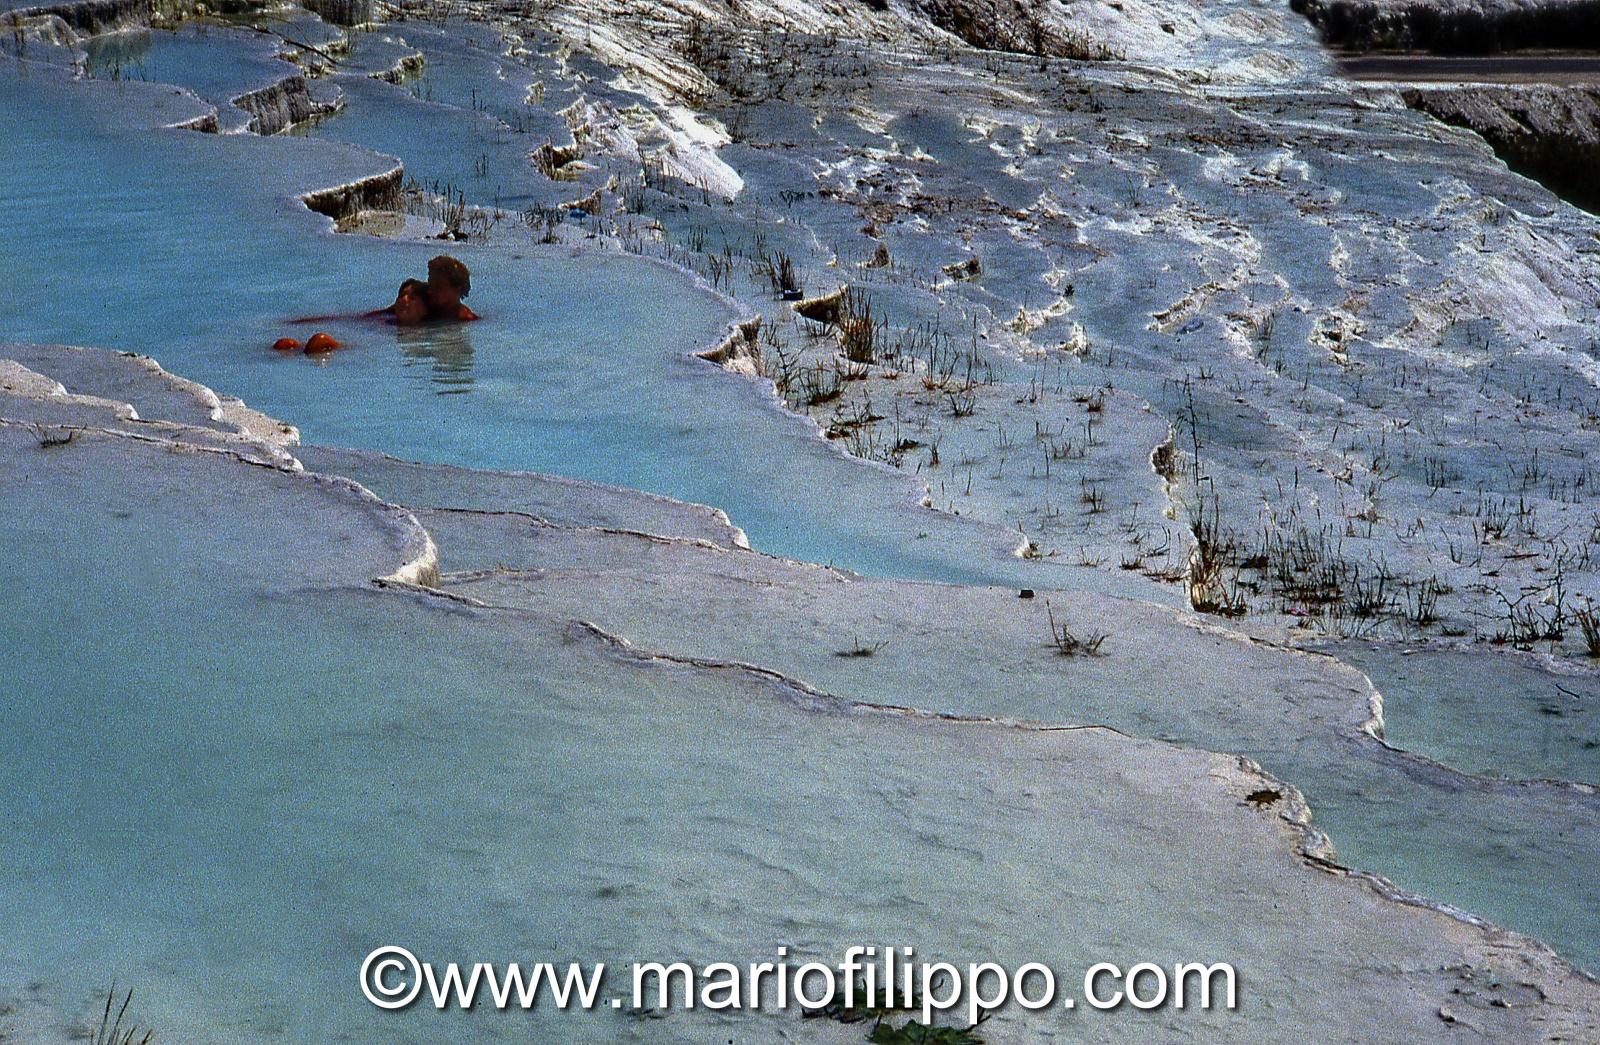 Turchia Pamukkale cascate calcaree